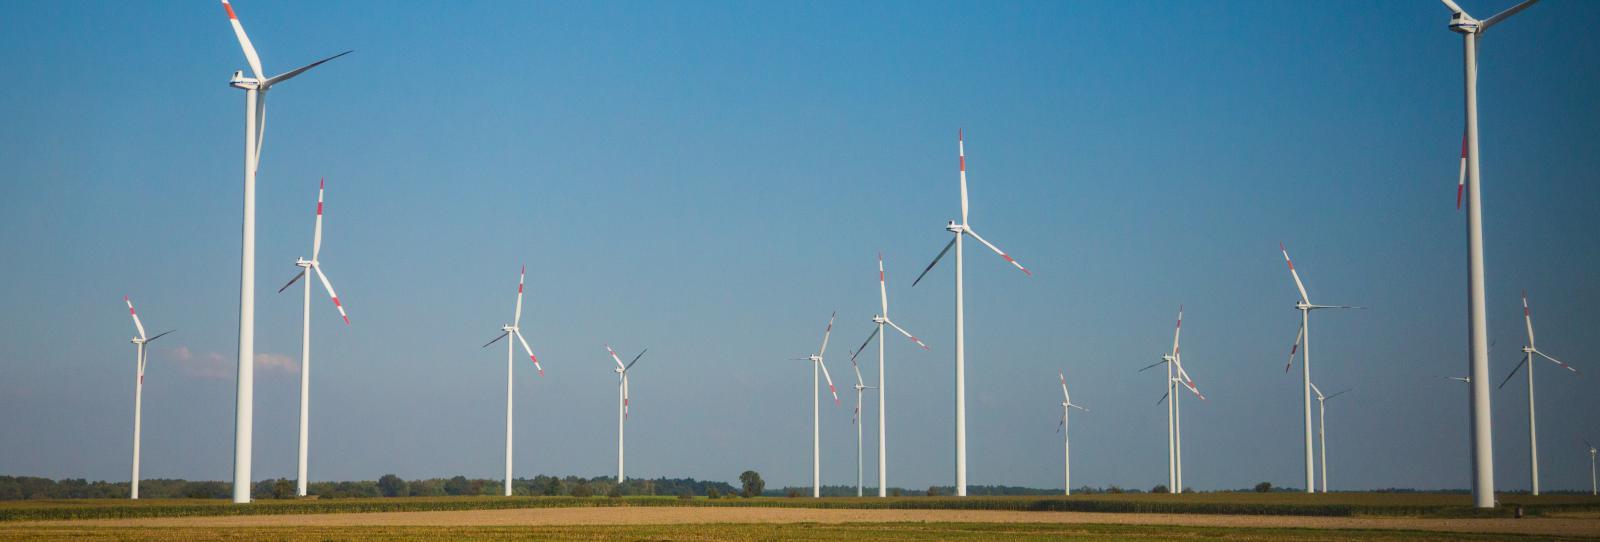 Větrné elektrárny v Německu